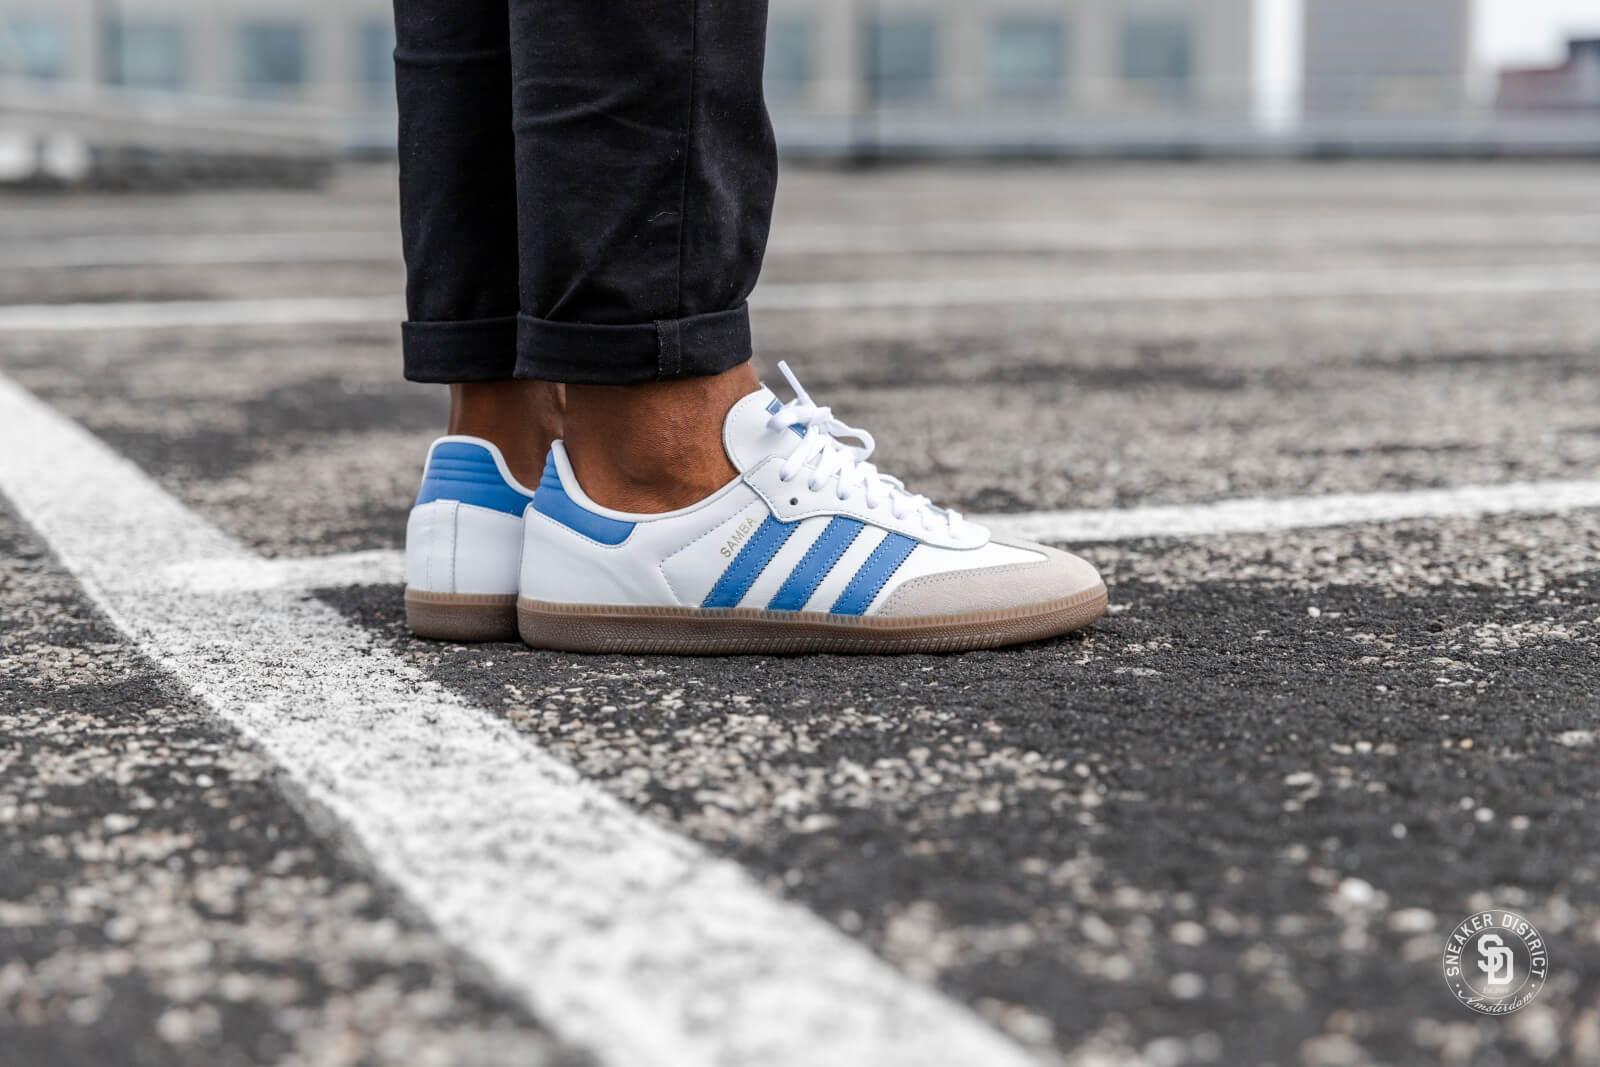 Adidas Samba OG Footwear White/Trace